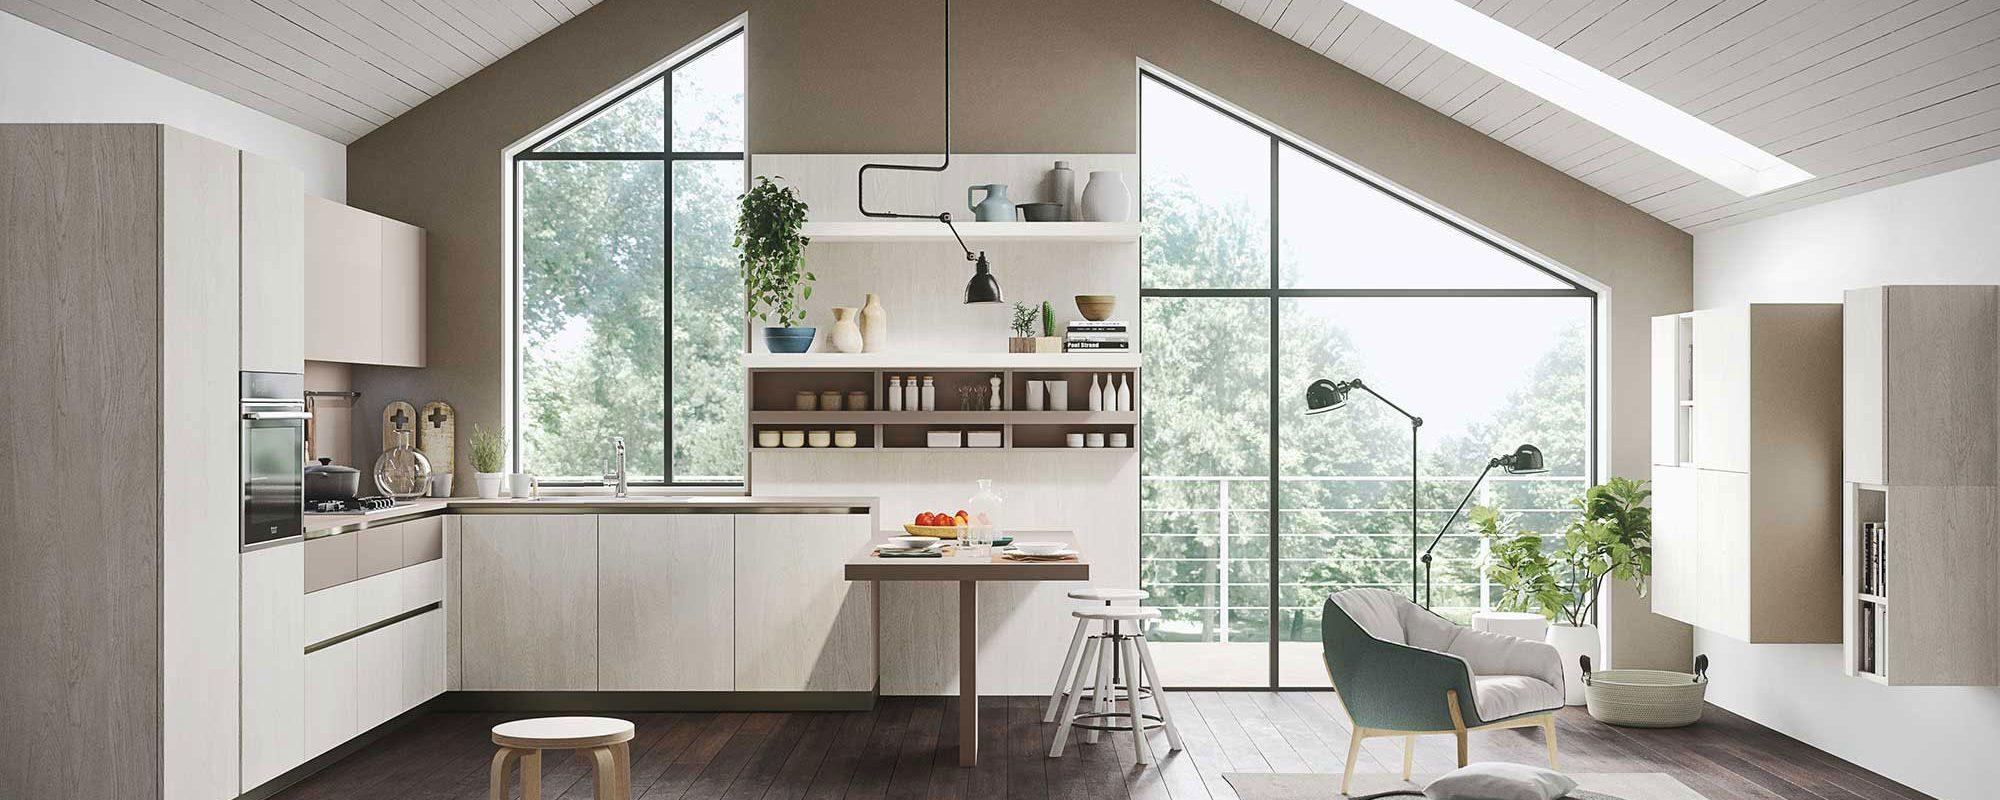 Come arredare cucina open space e soggiorno distinguendo gli ...